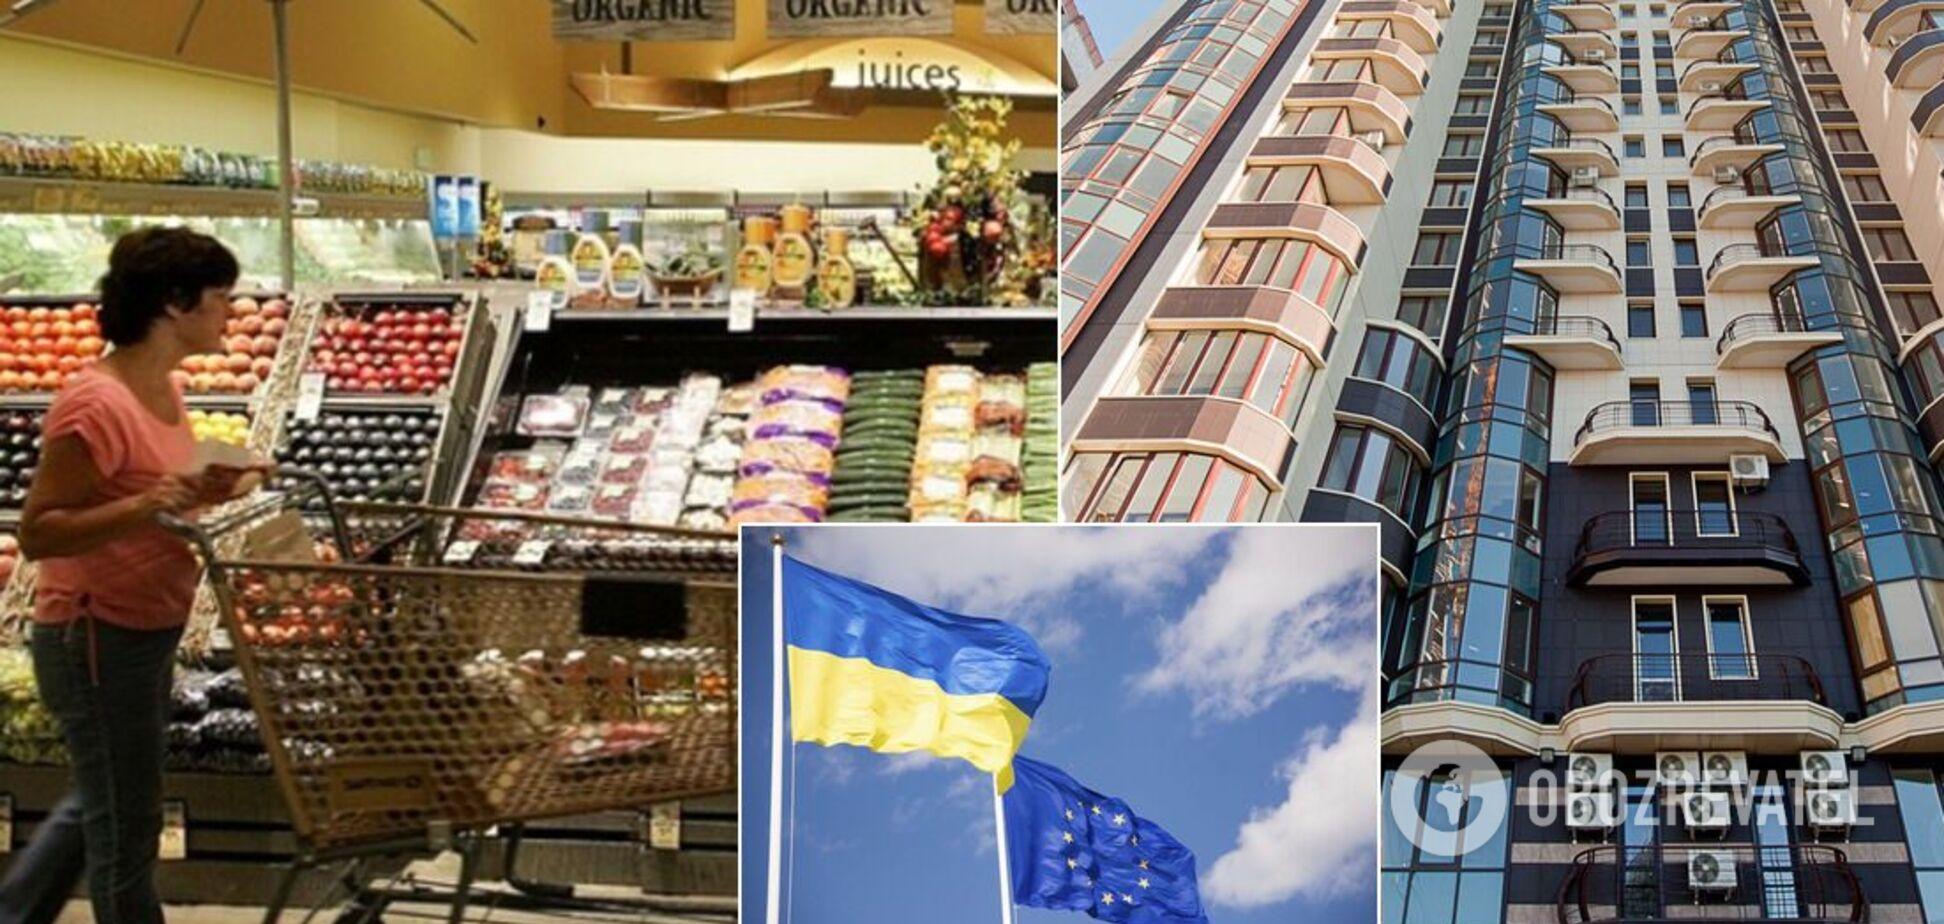 Цены в Украине и Европе